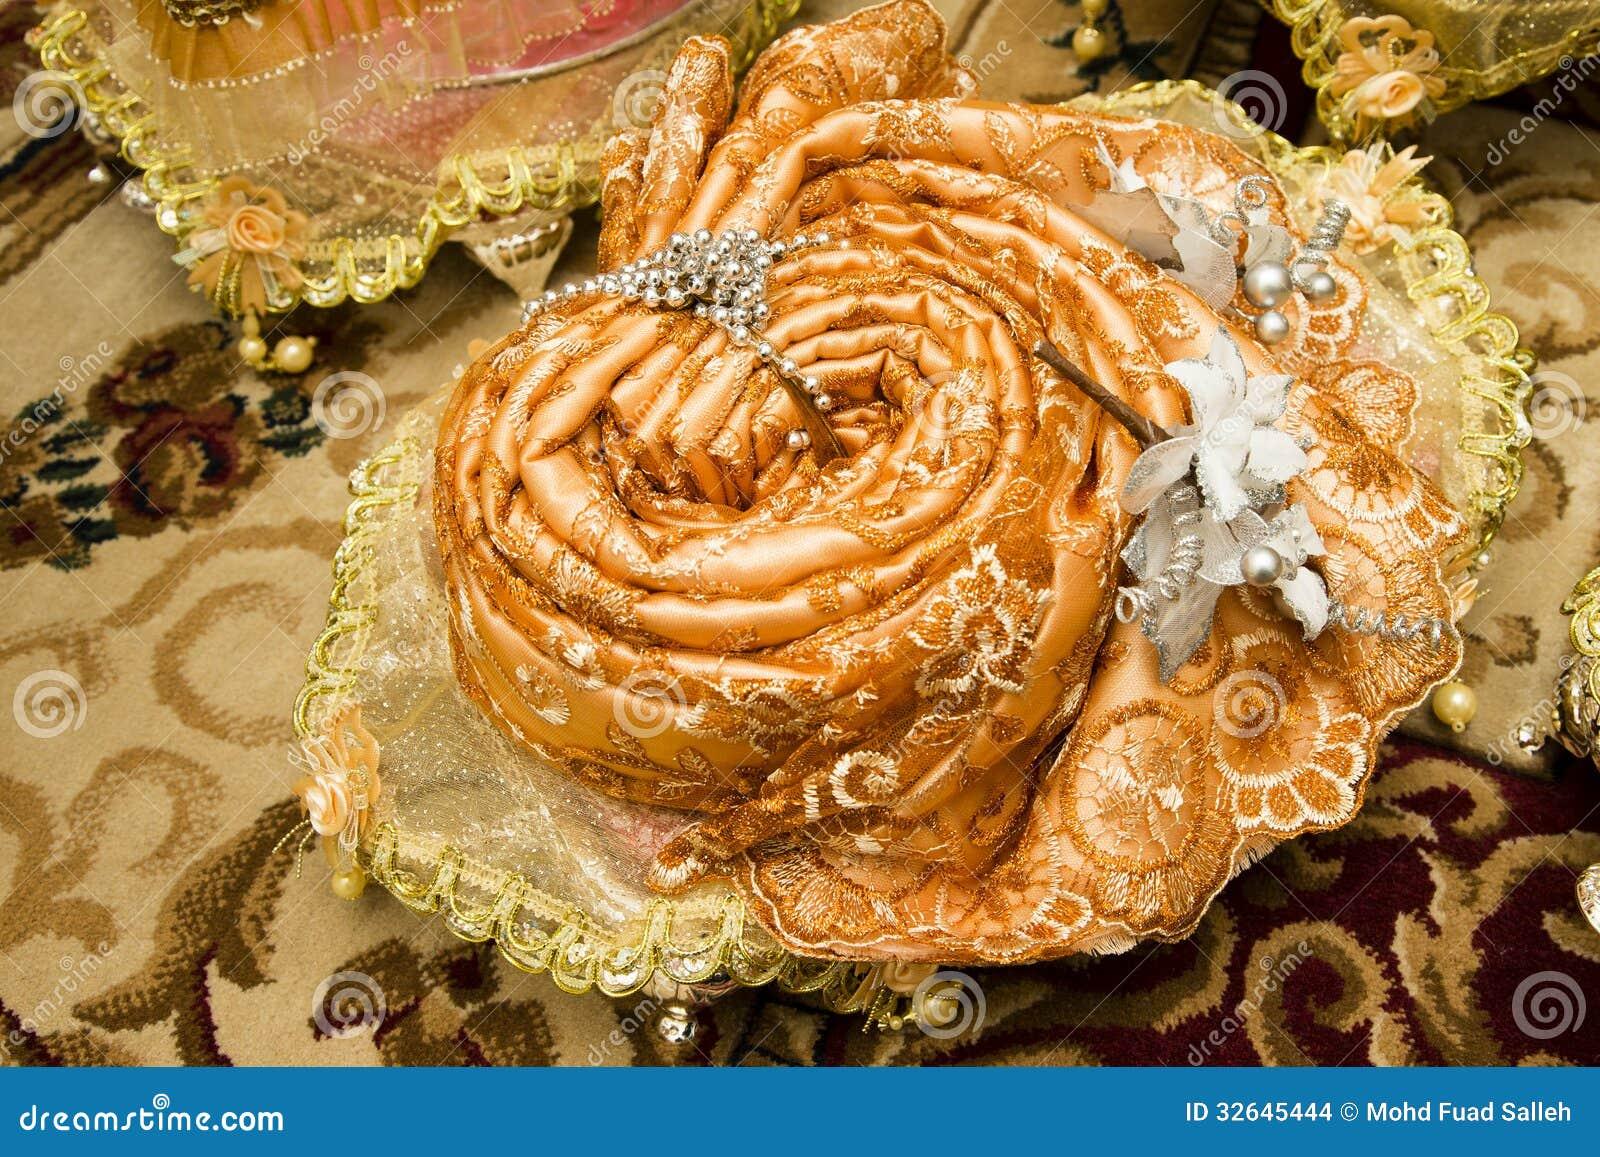 Malay Wedding Gift Exchange : -malay-wedding-present-gift-exchange-bride-groom-ceremony-malaysia ...